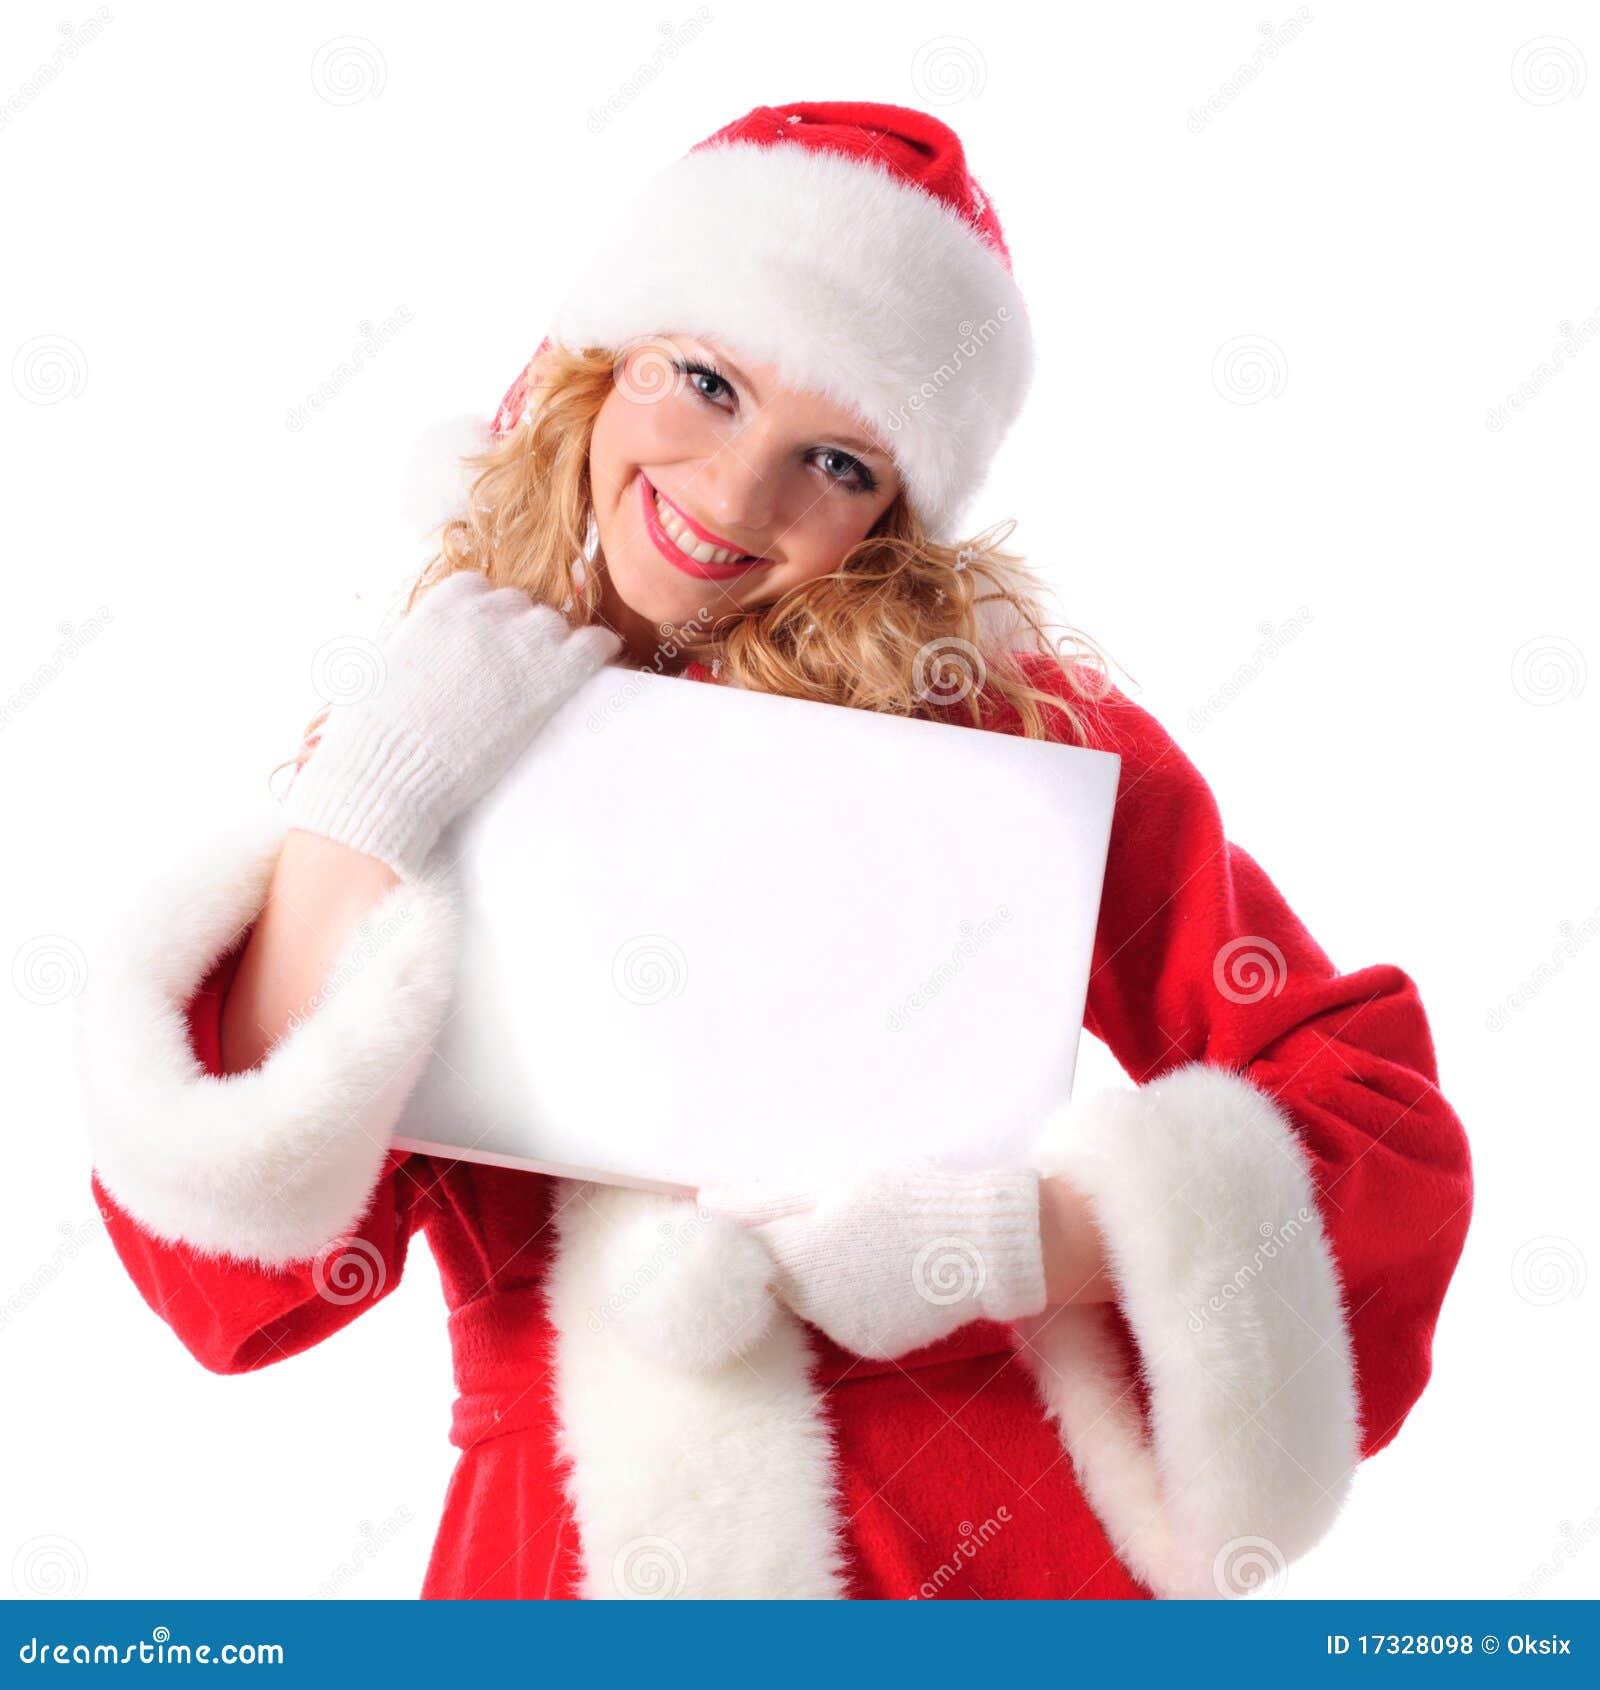 Cartaz Em Branco Dos Cumprimentos Do Natal Fotos de Stock Royalty Free  #B81327 1300 1390